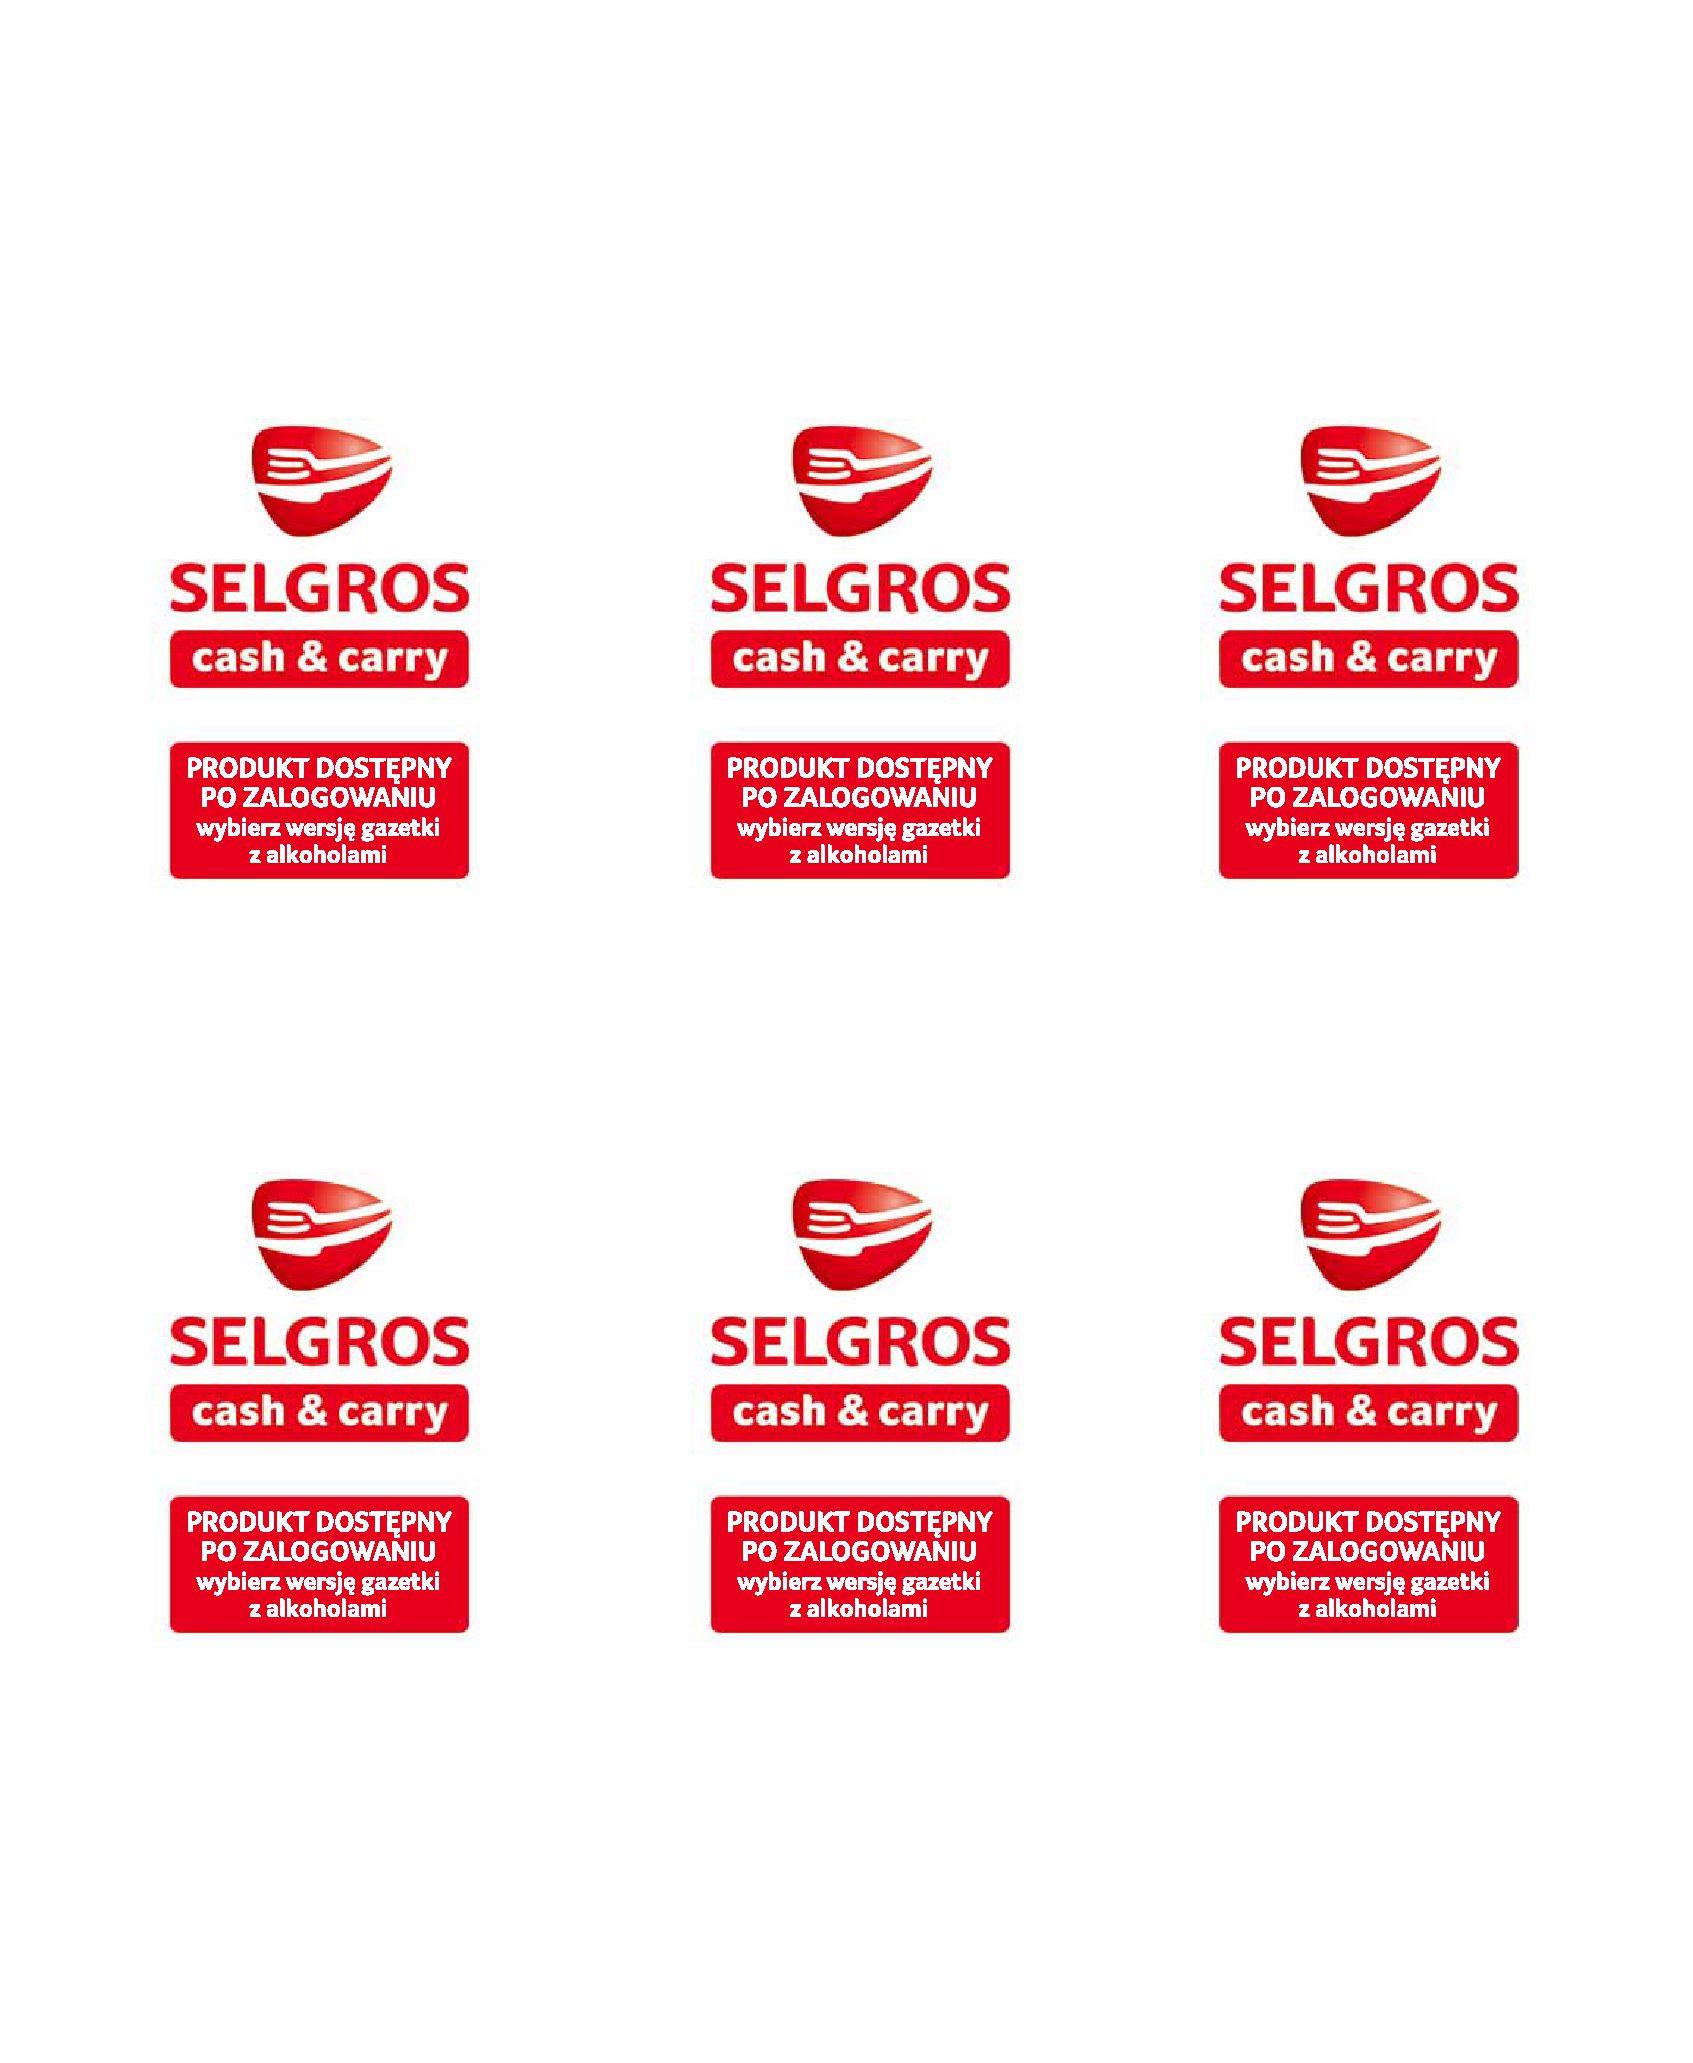 Gazetka Selgros - Oferta spożywcza-13.08.2019-28.08.2019-page-24